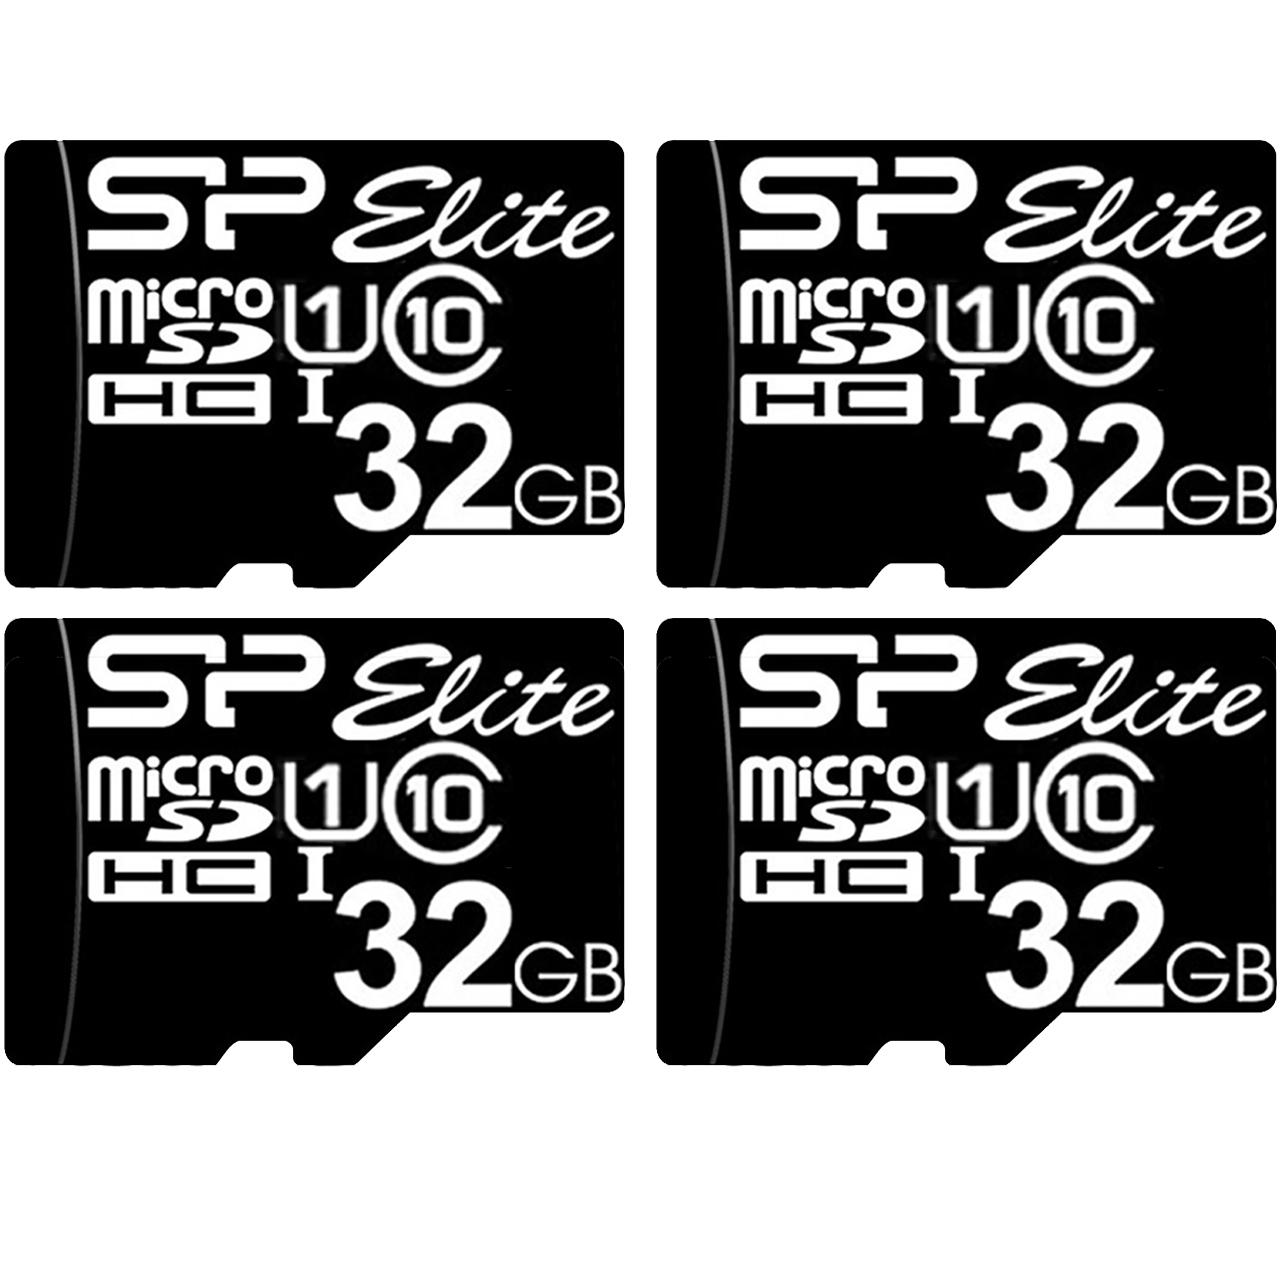 کارت حافظه microSDHC سیلیکون پاور مدل Elite کلاس 10 استاندارد UHS-I U1 سرعت 85MBps ظرفیت 32 گیگابایت بسته 4 عددی